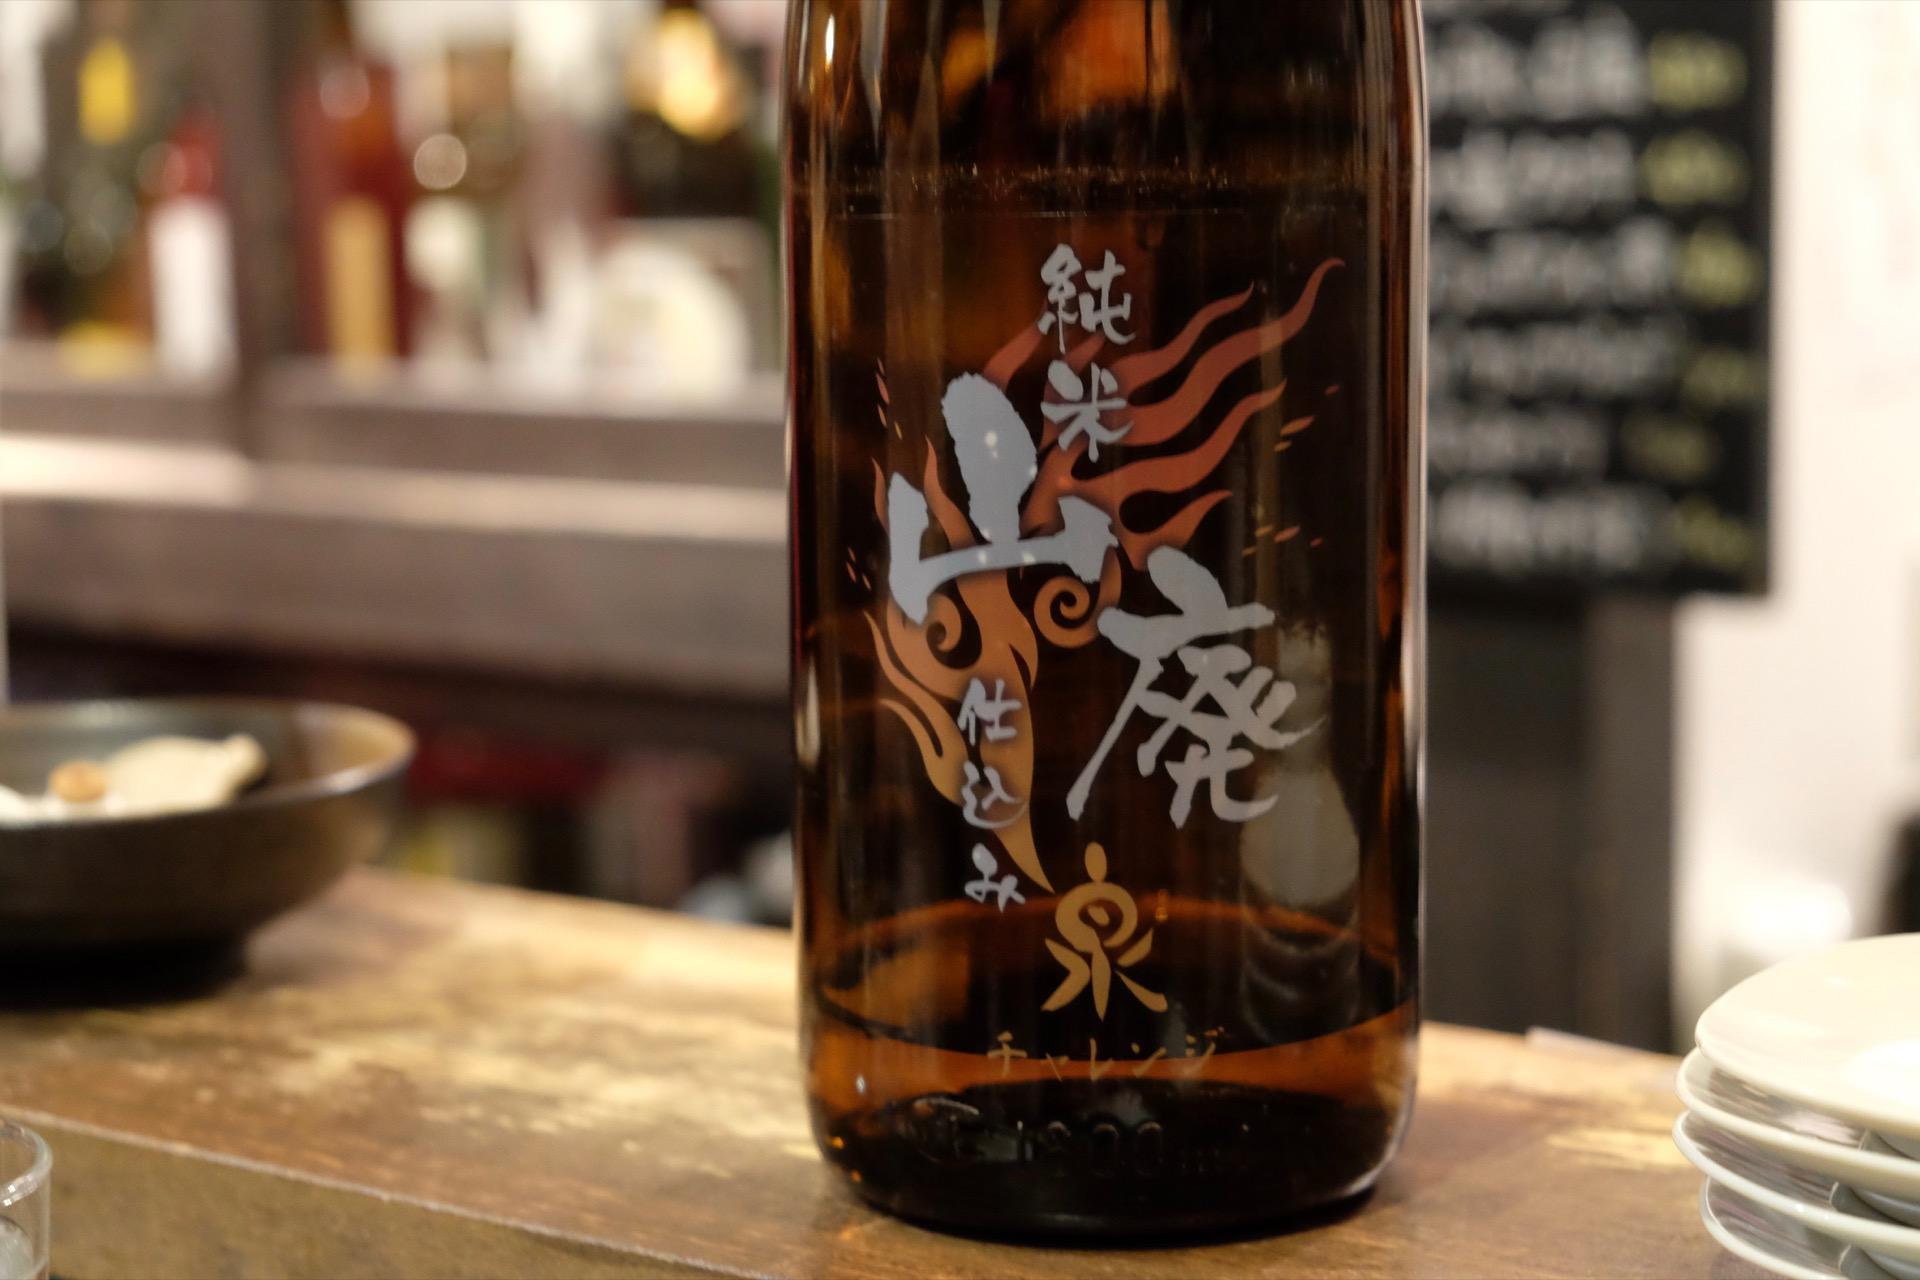 イズミチャレンジ 28BY(山廃純米 燗酒専用)|日本酒テイスティングノート